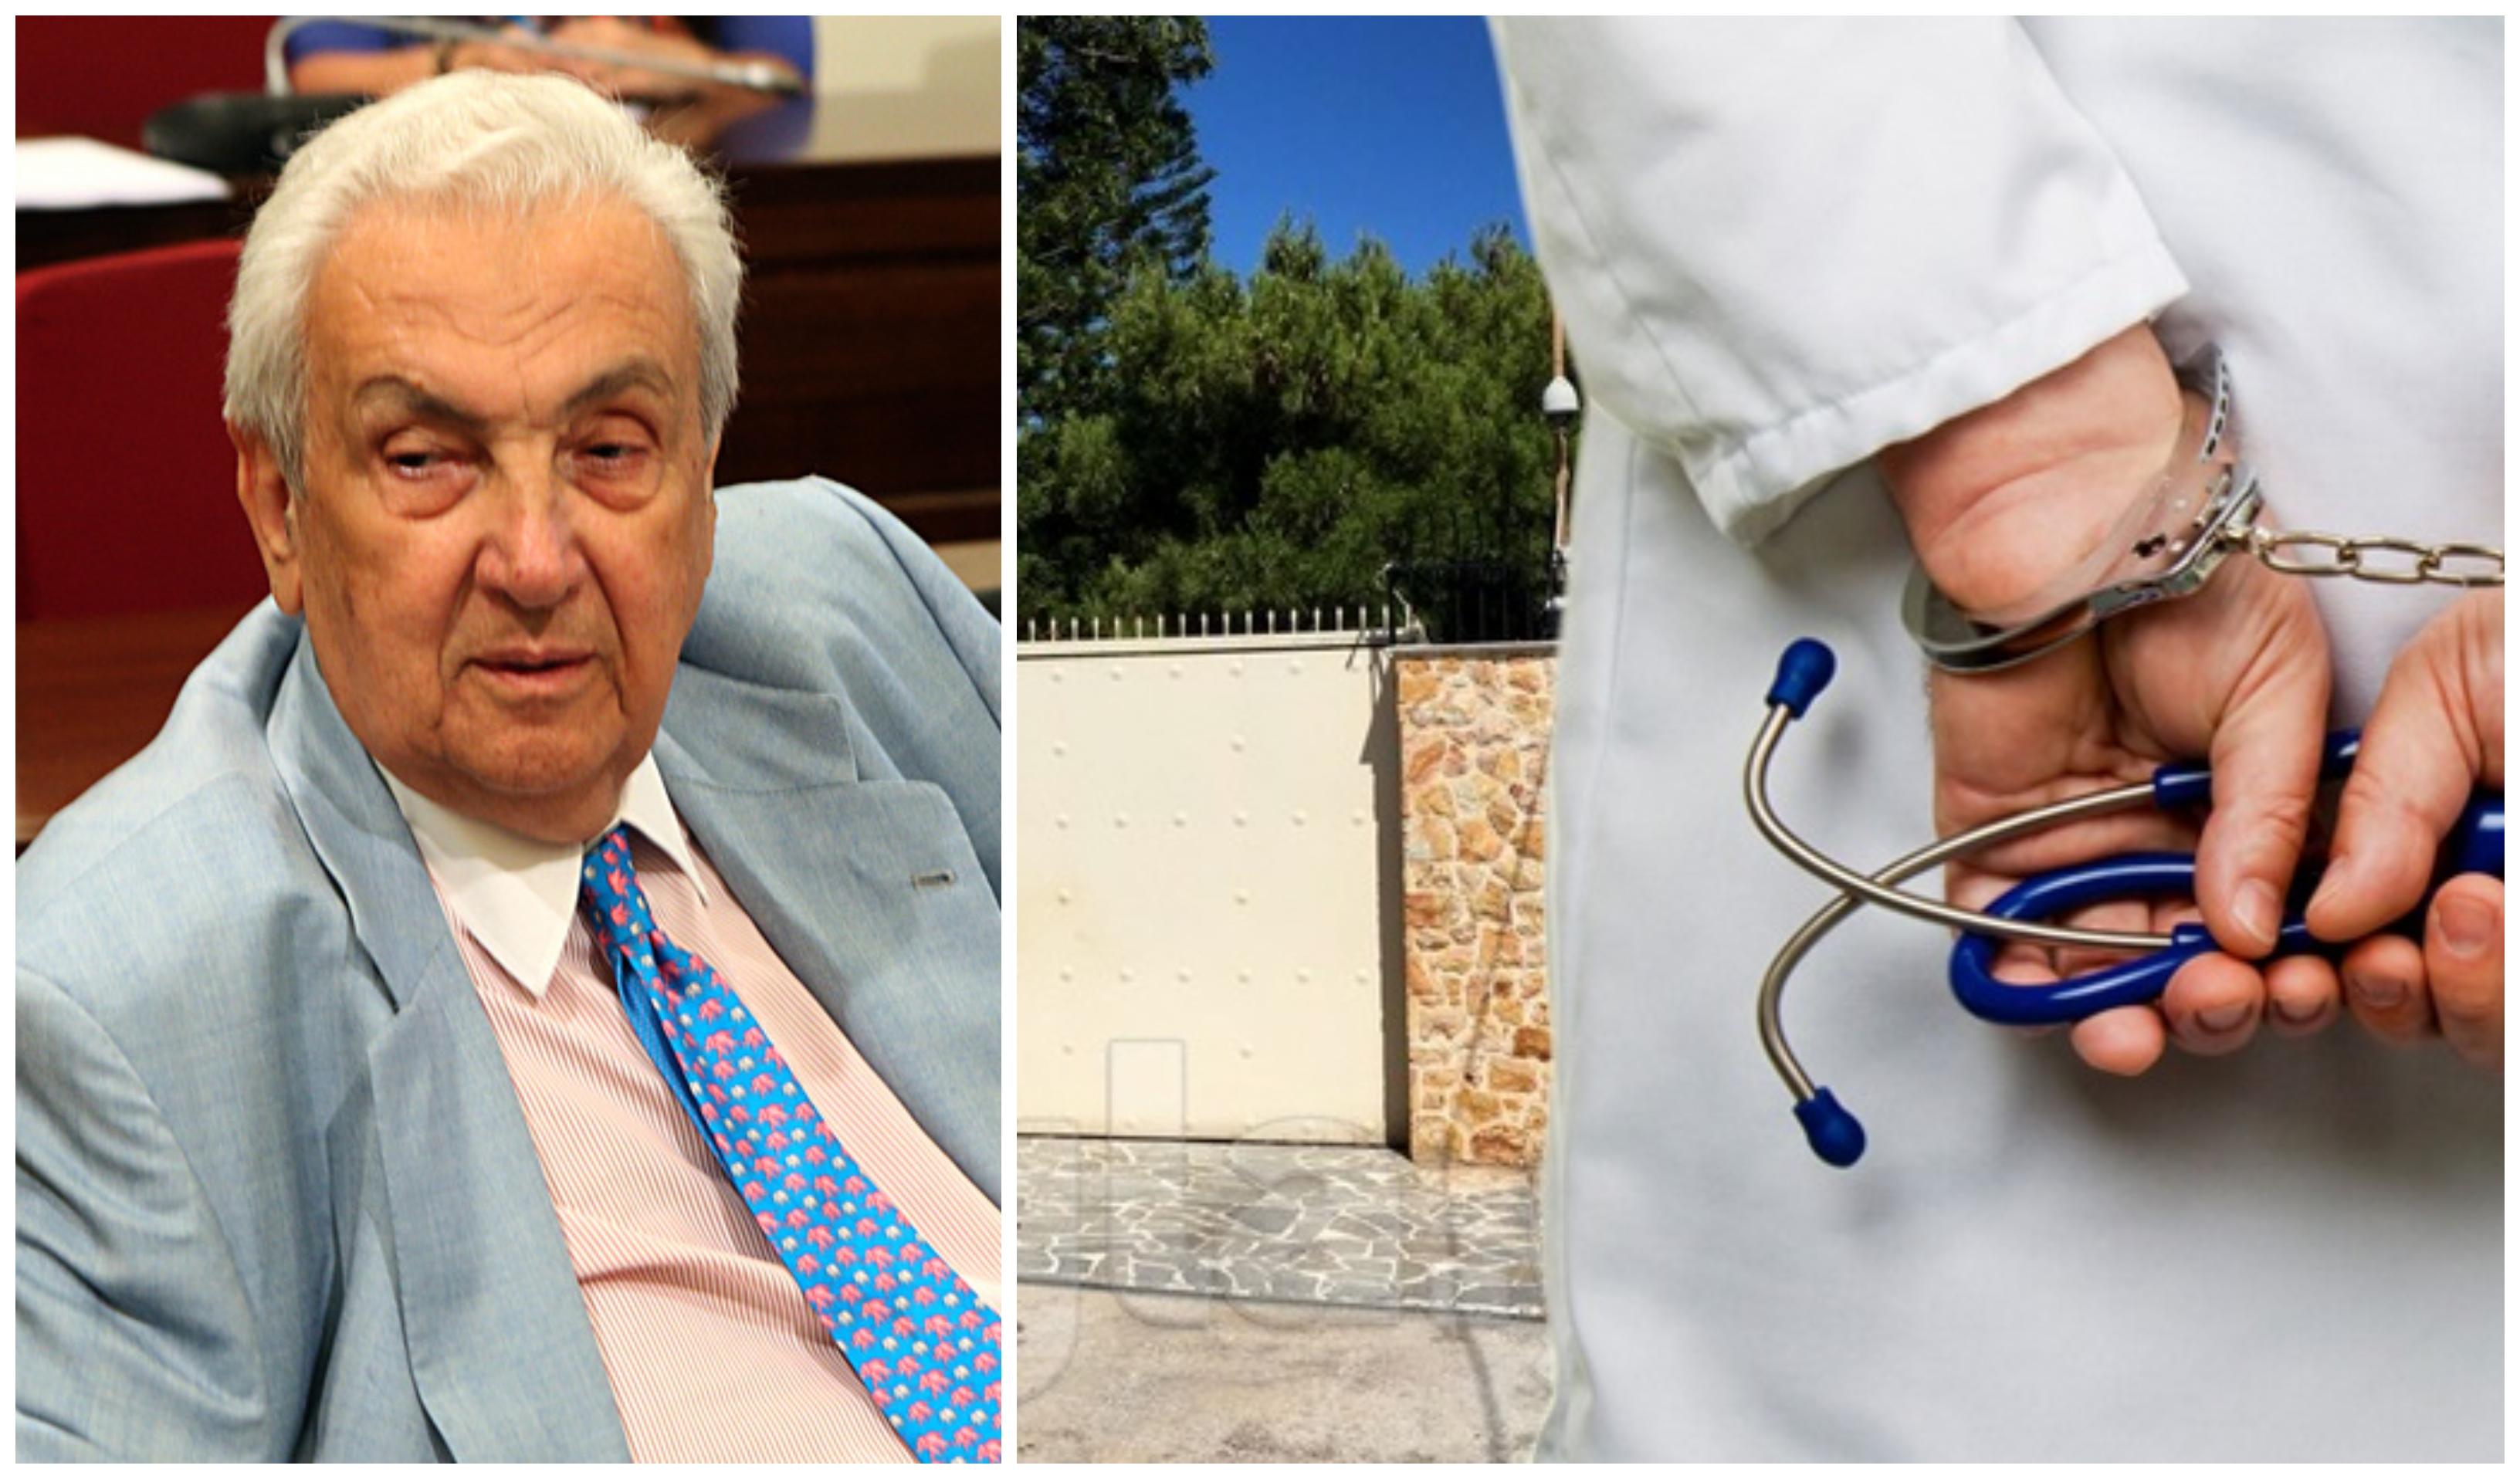 Γιατρός «μαϊμού»: Θα έχτιζε κλινική του… Βατικανού στην Γλυφάδα, «διόριζε» και «μετέθετε» στρατιωτικούς – Πως φέρεται να εξαπάτησε τον Δημ. Κοντομηνα